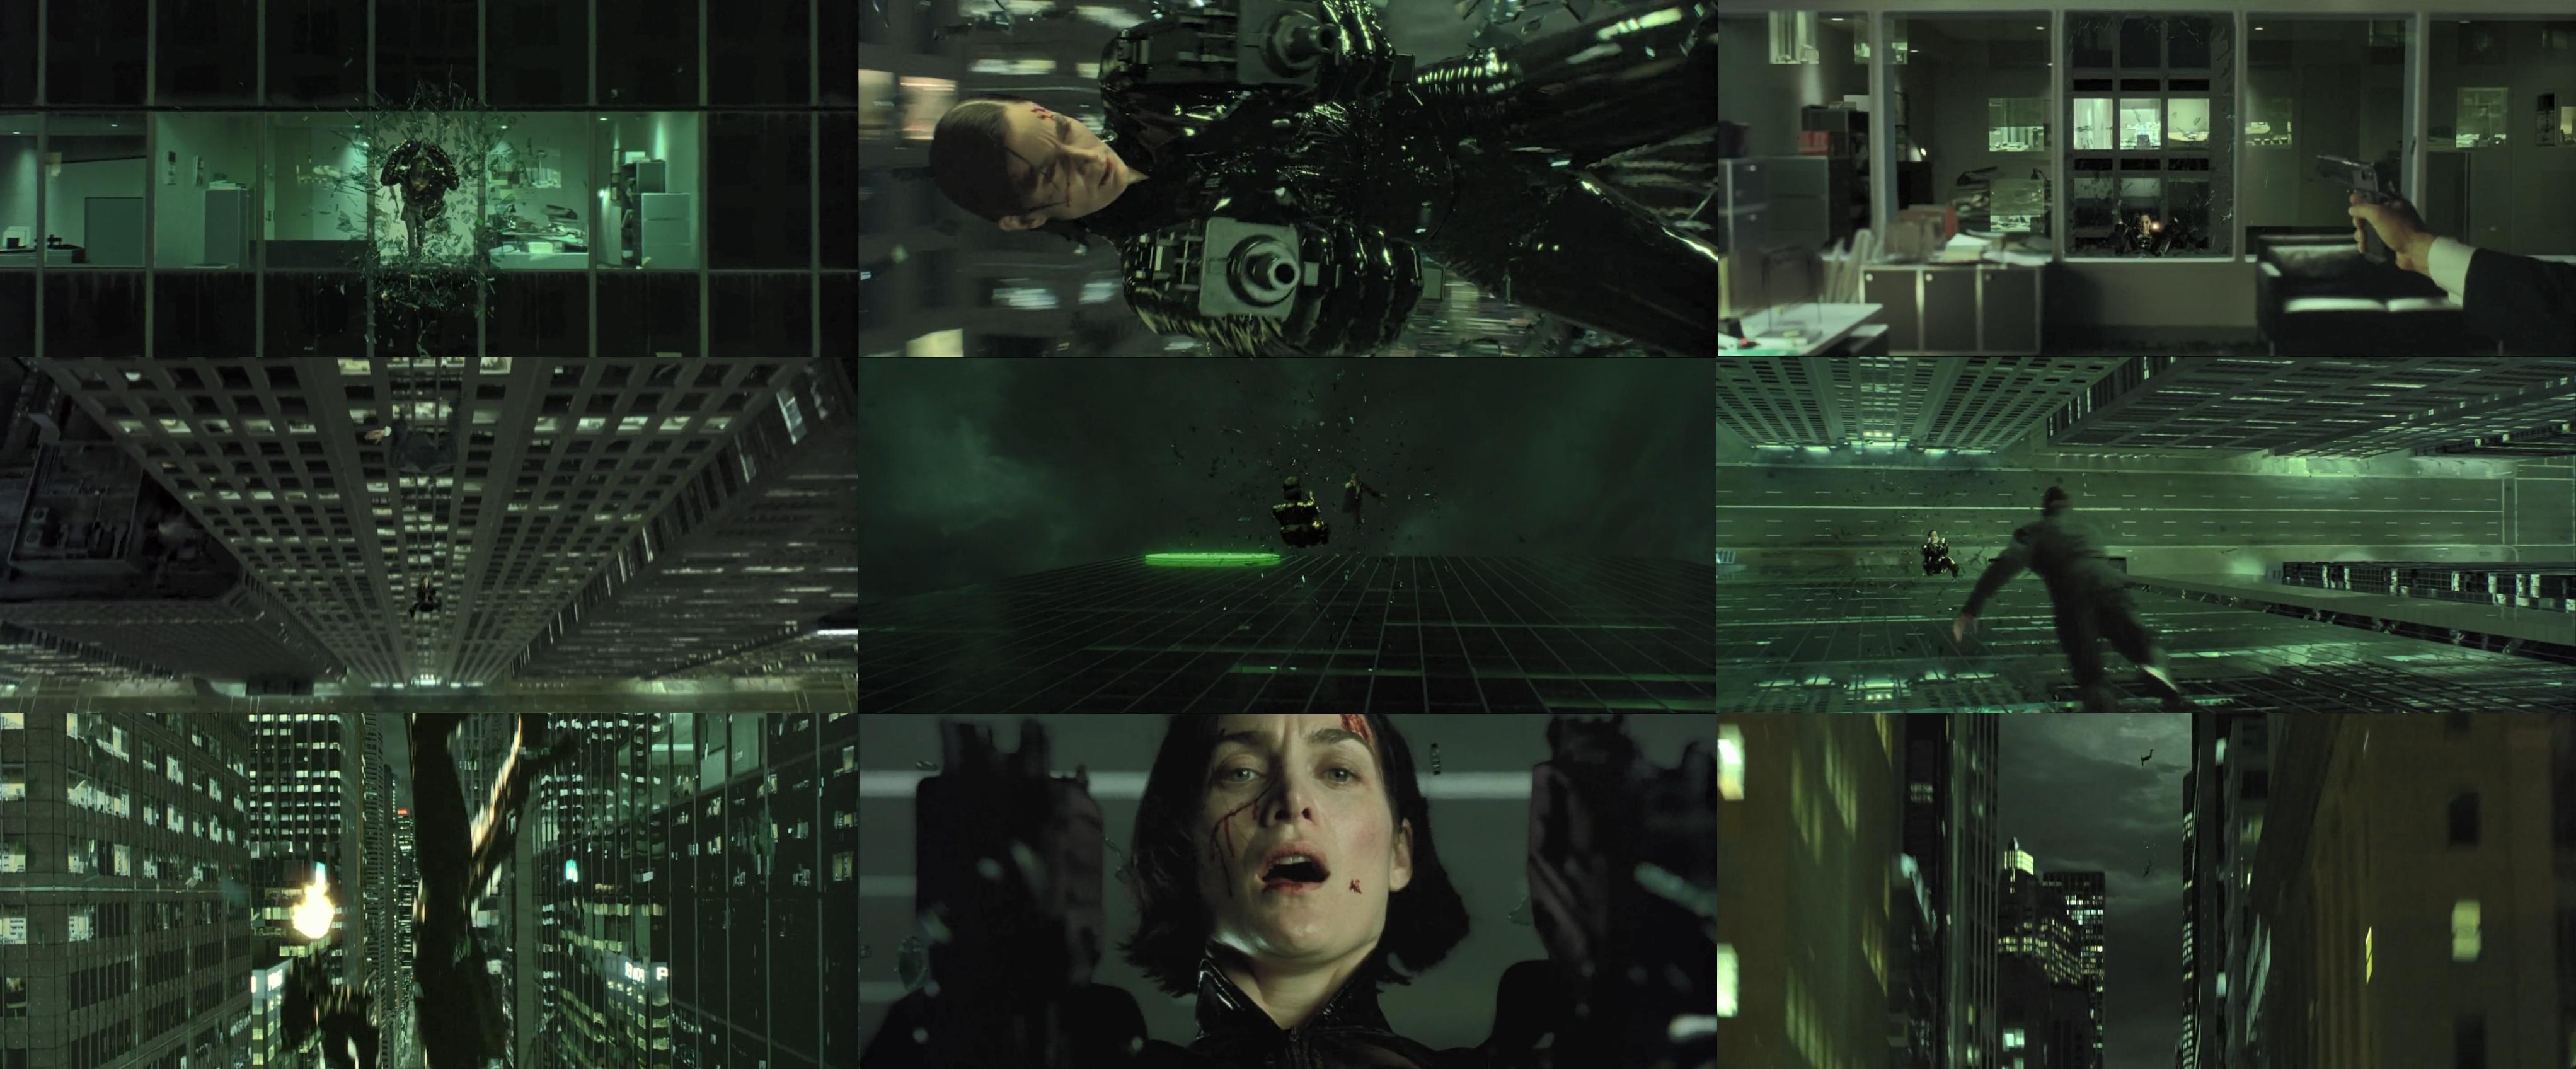 Cinéma - Trilogie Matrix « That's impossible » un policier témoin